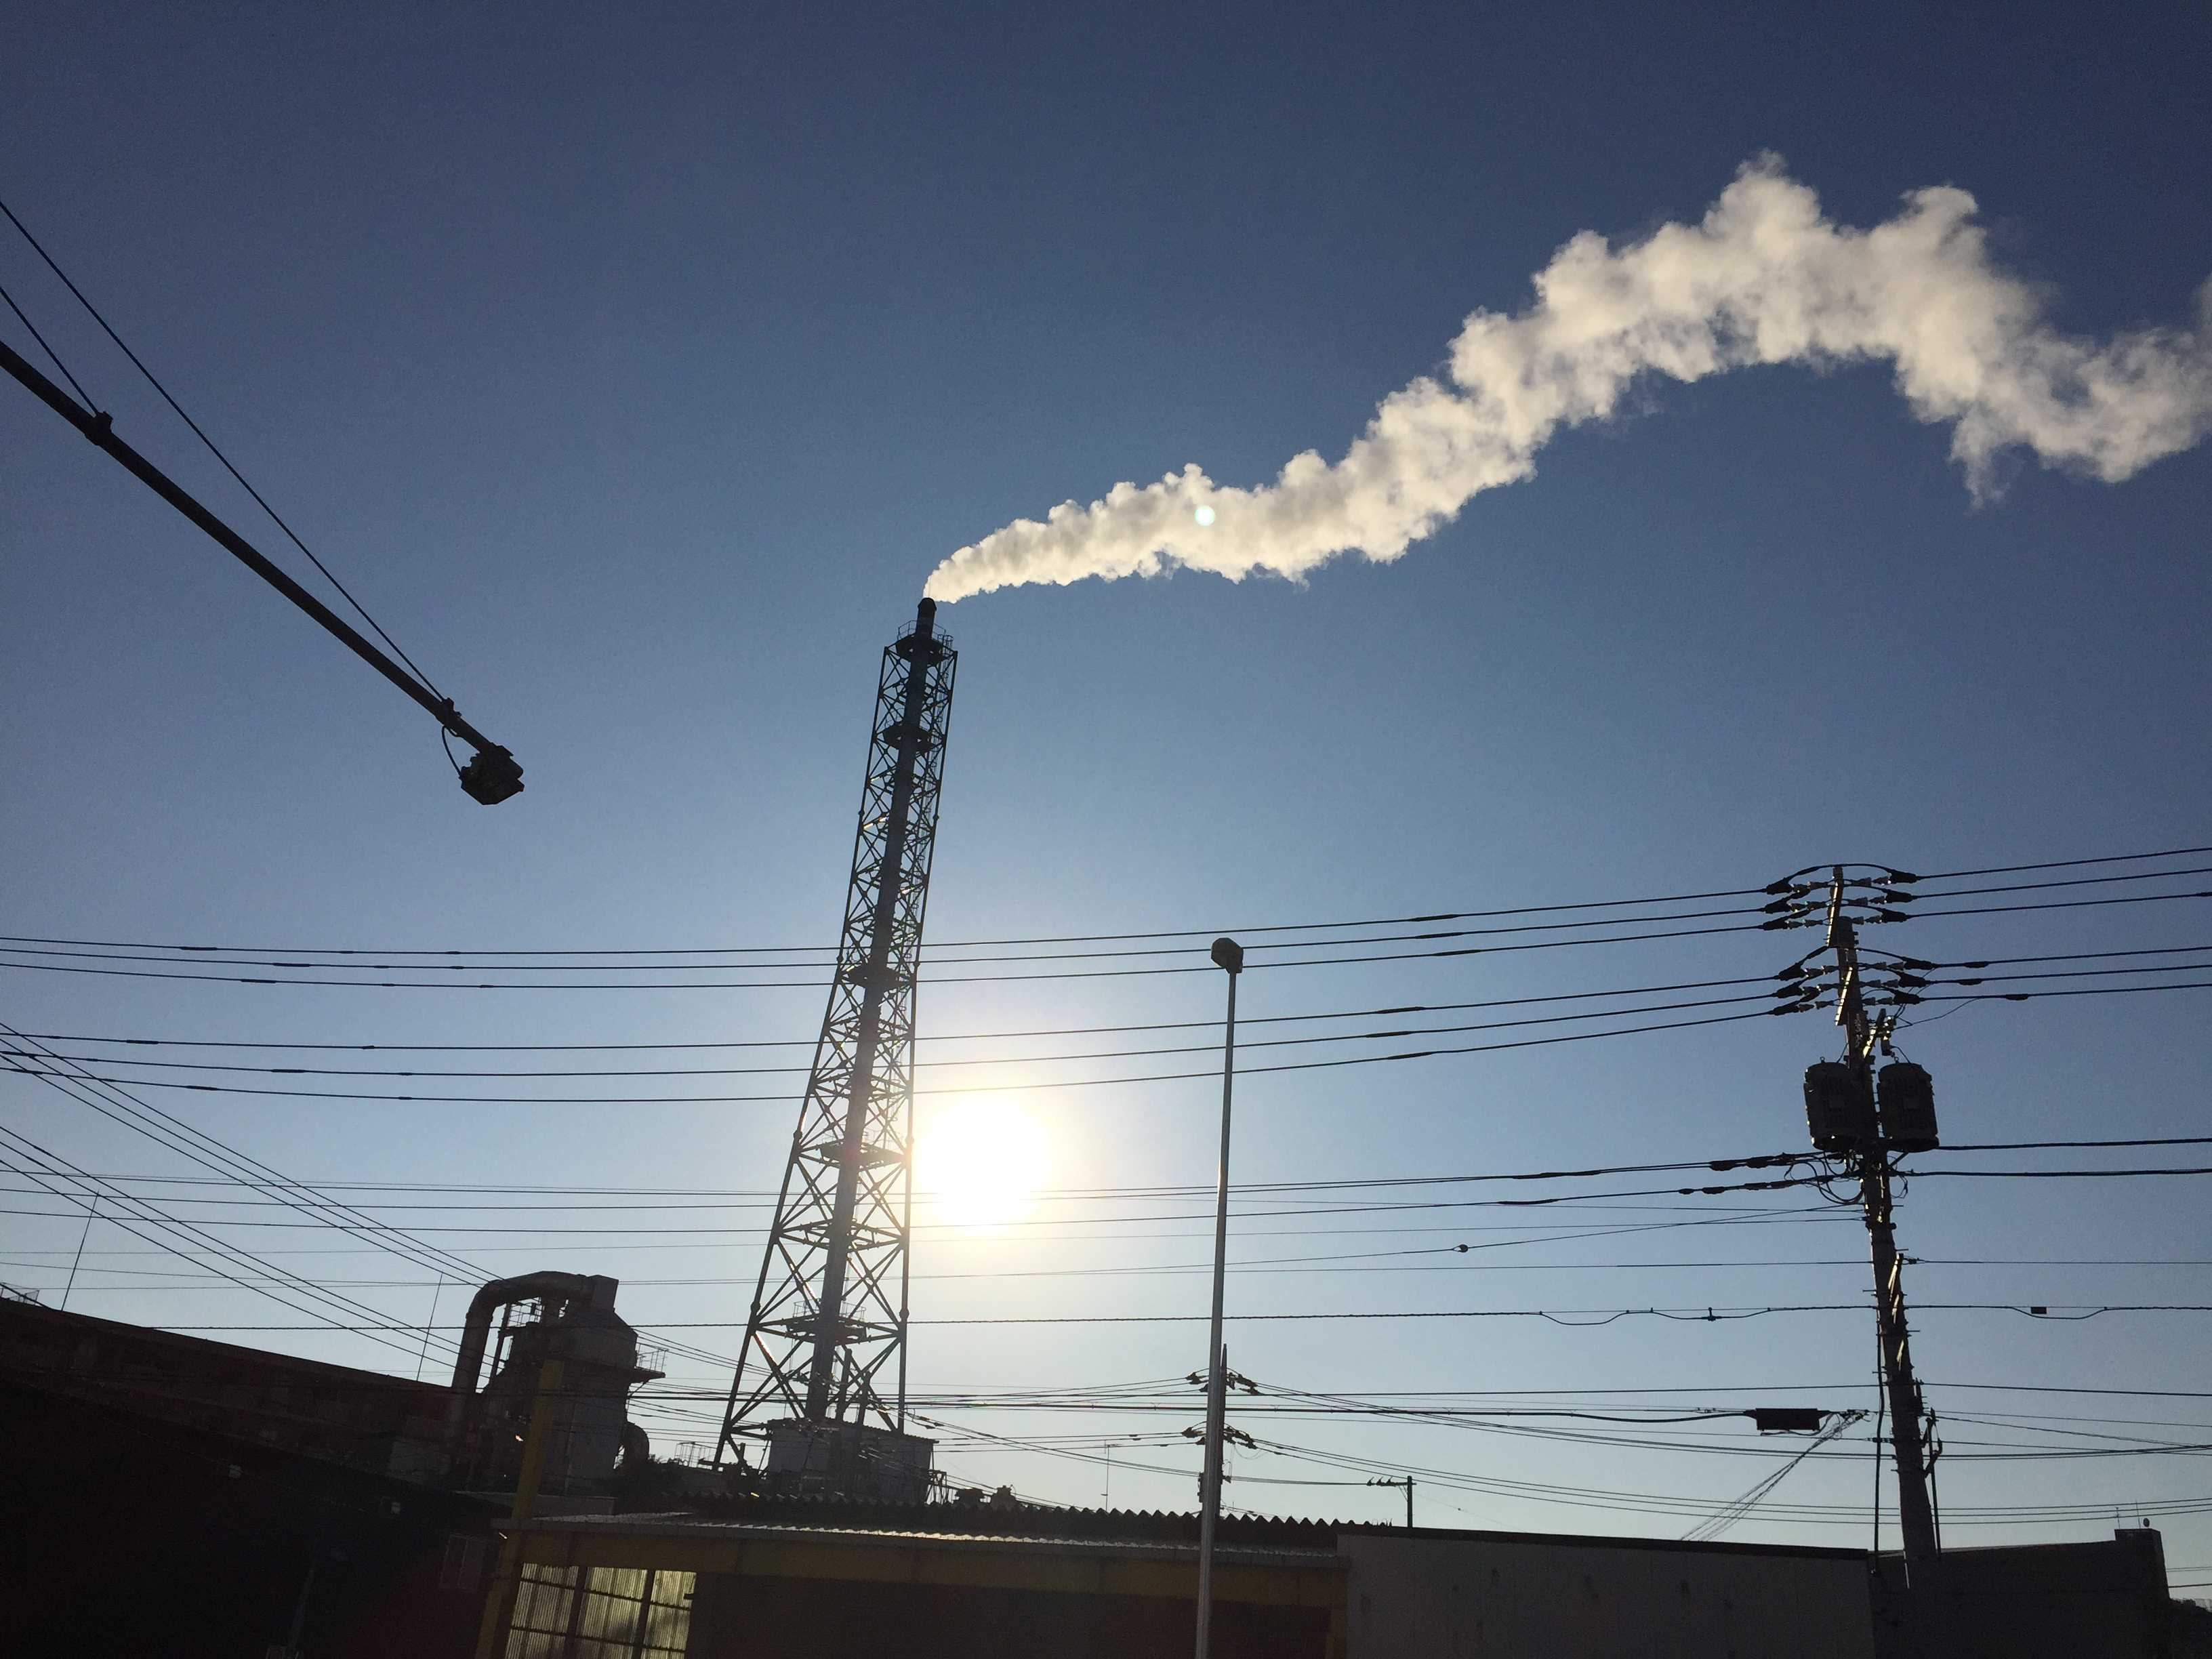 橋本五差路近くの煙突の煙